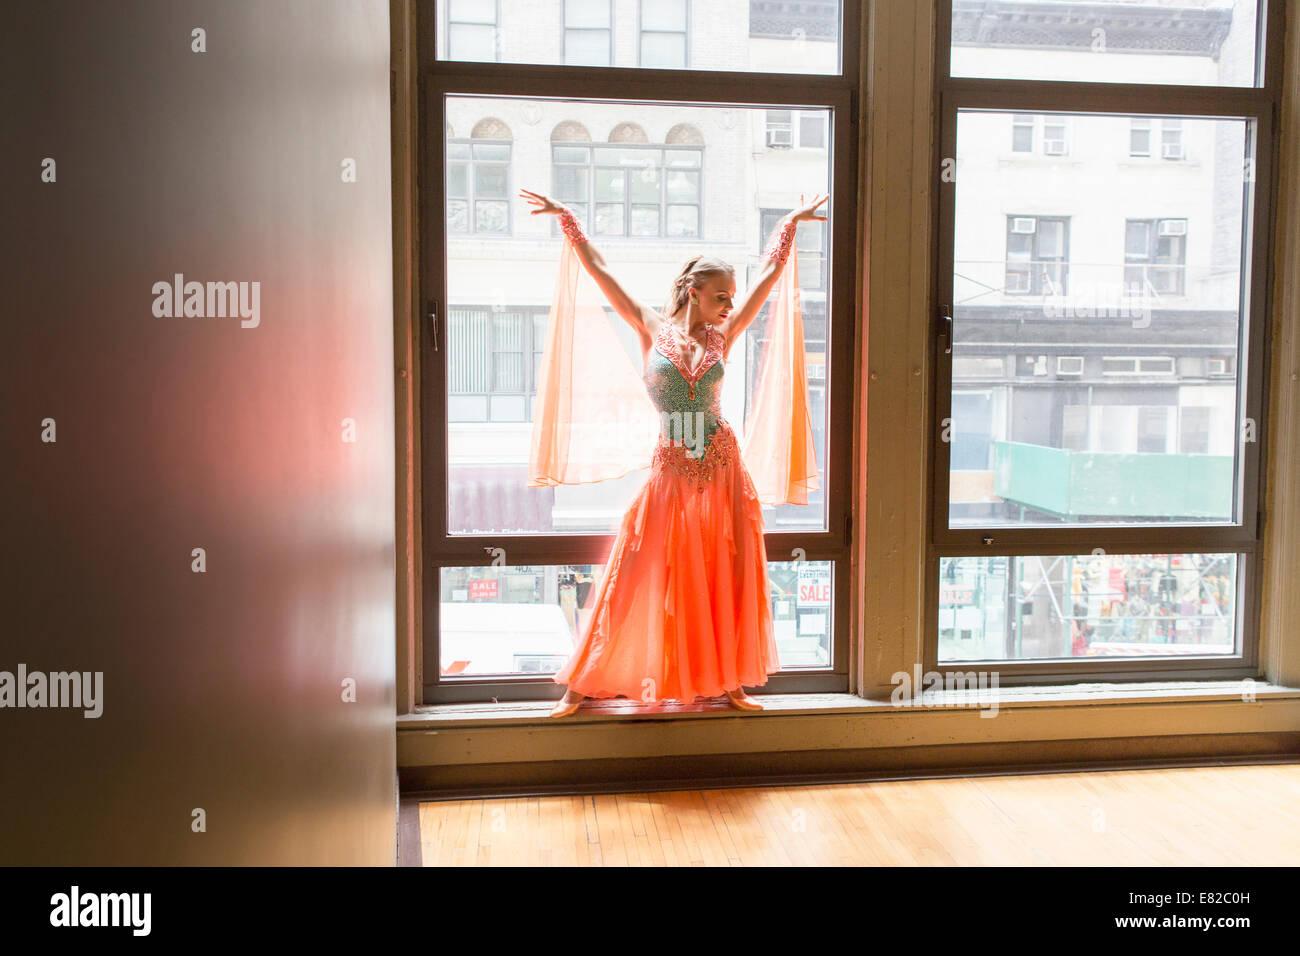 Danseur dans un studio de danse. Une femme se faisant passer à une fenêtre. Photo Stock